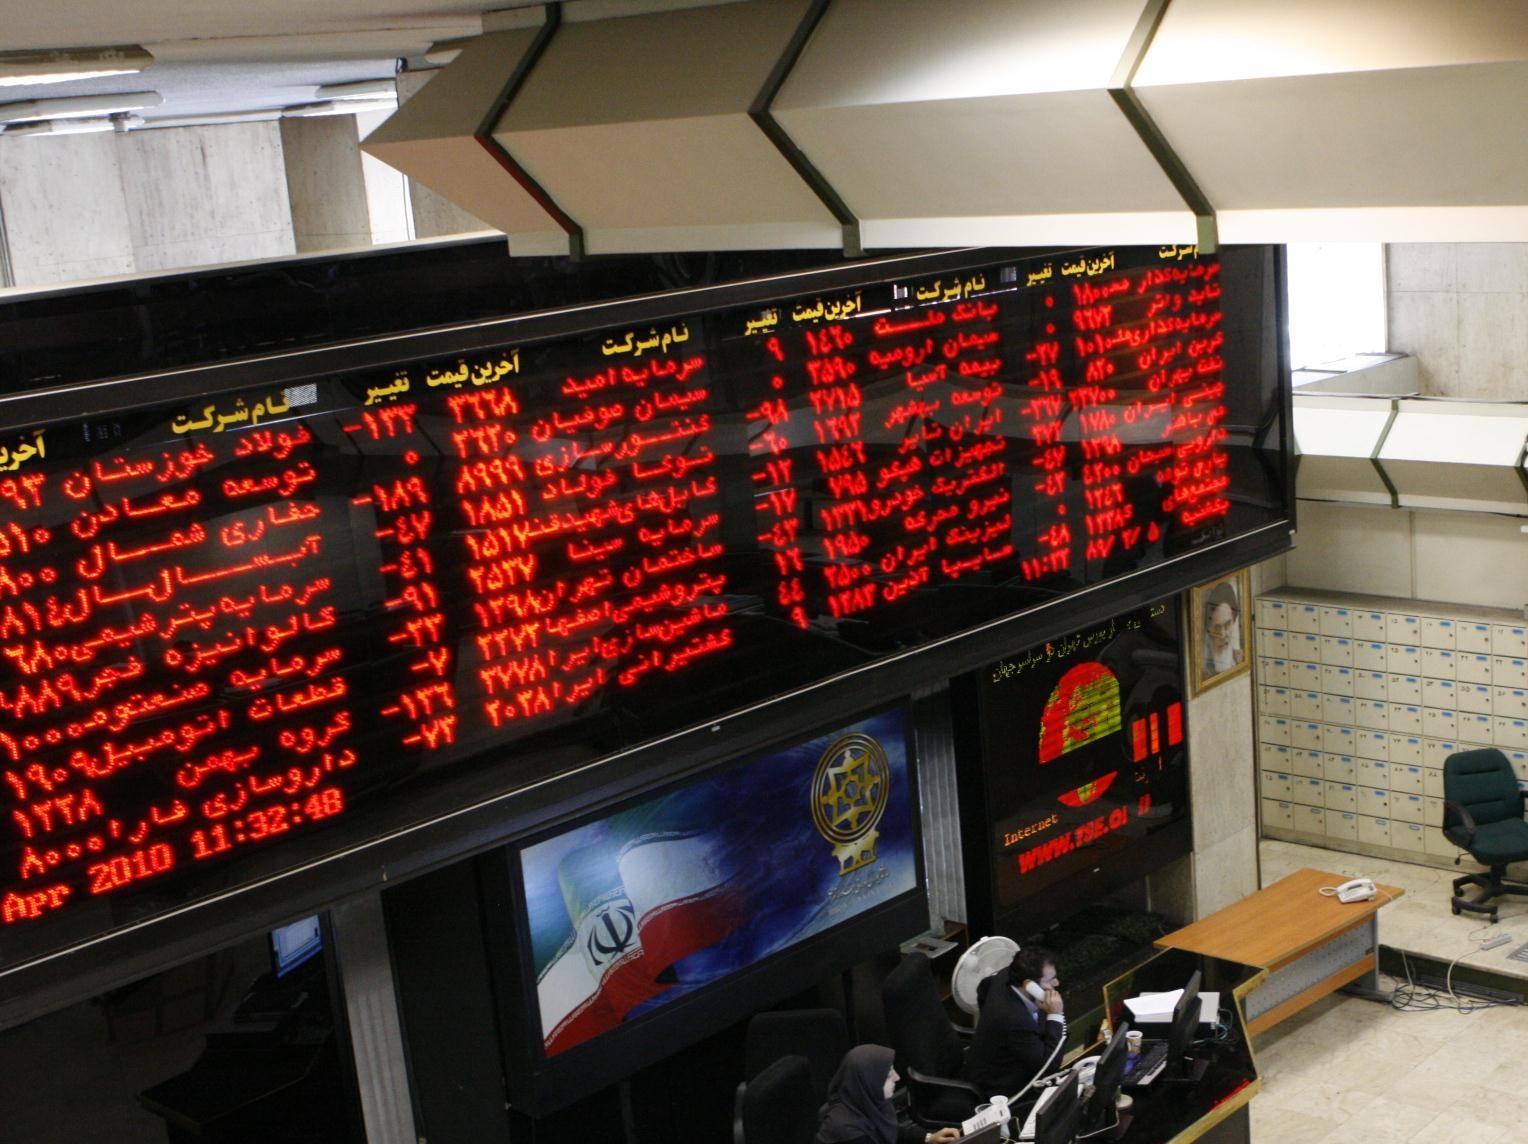 ازقیمت قطعات ال نود تا افزایش قیمت سکه در بازار